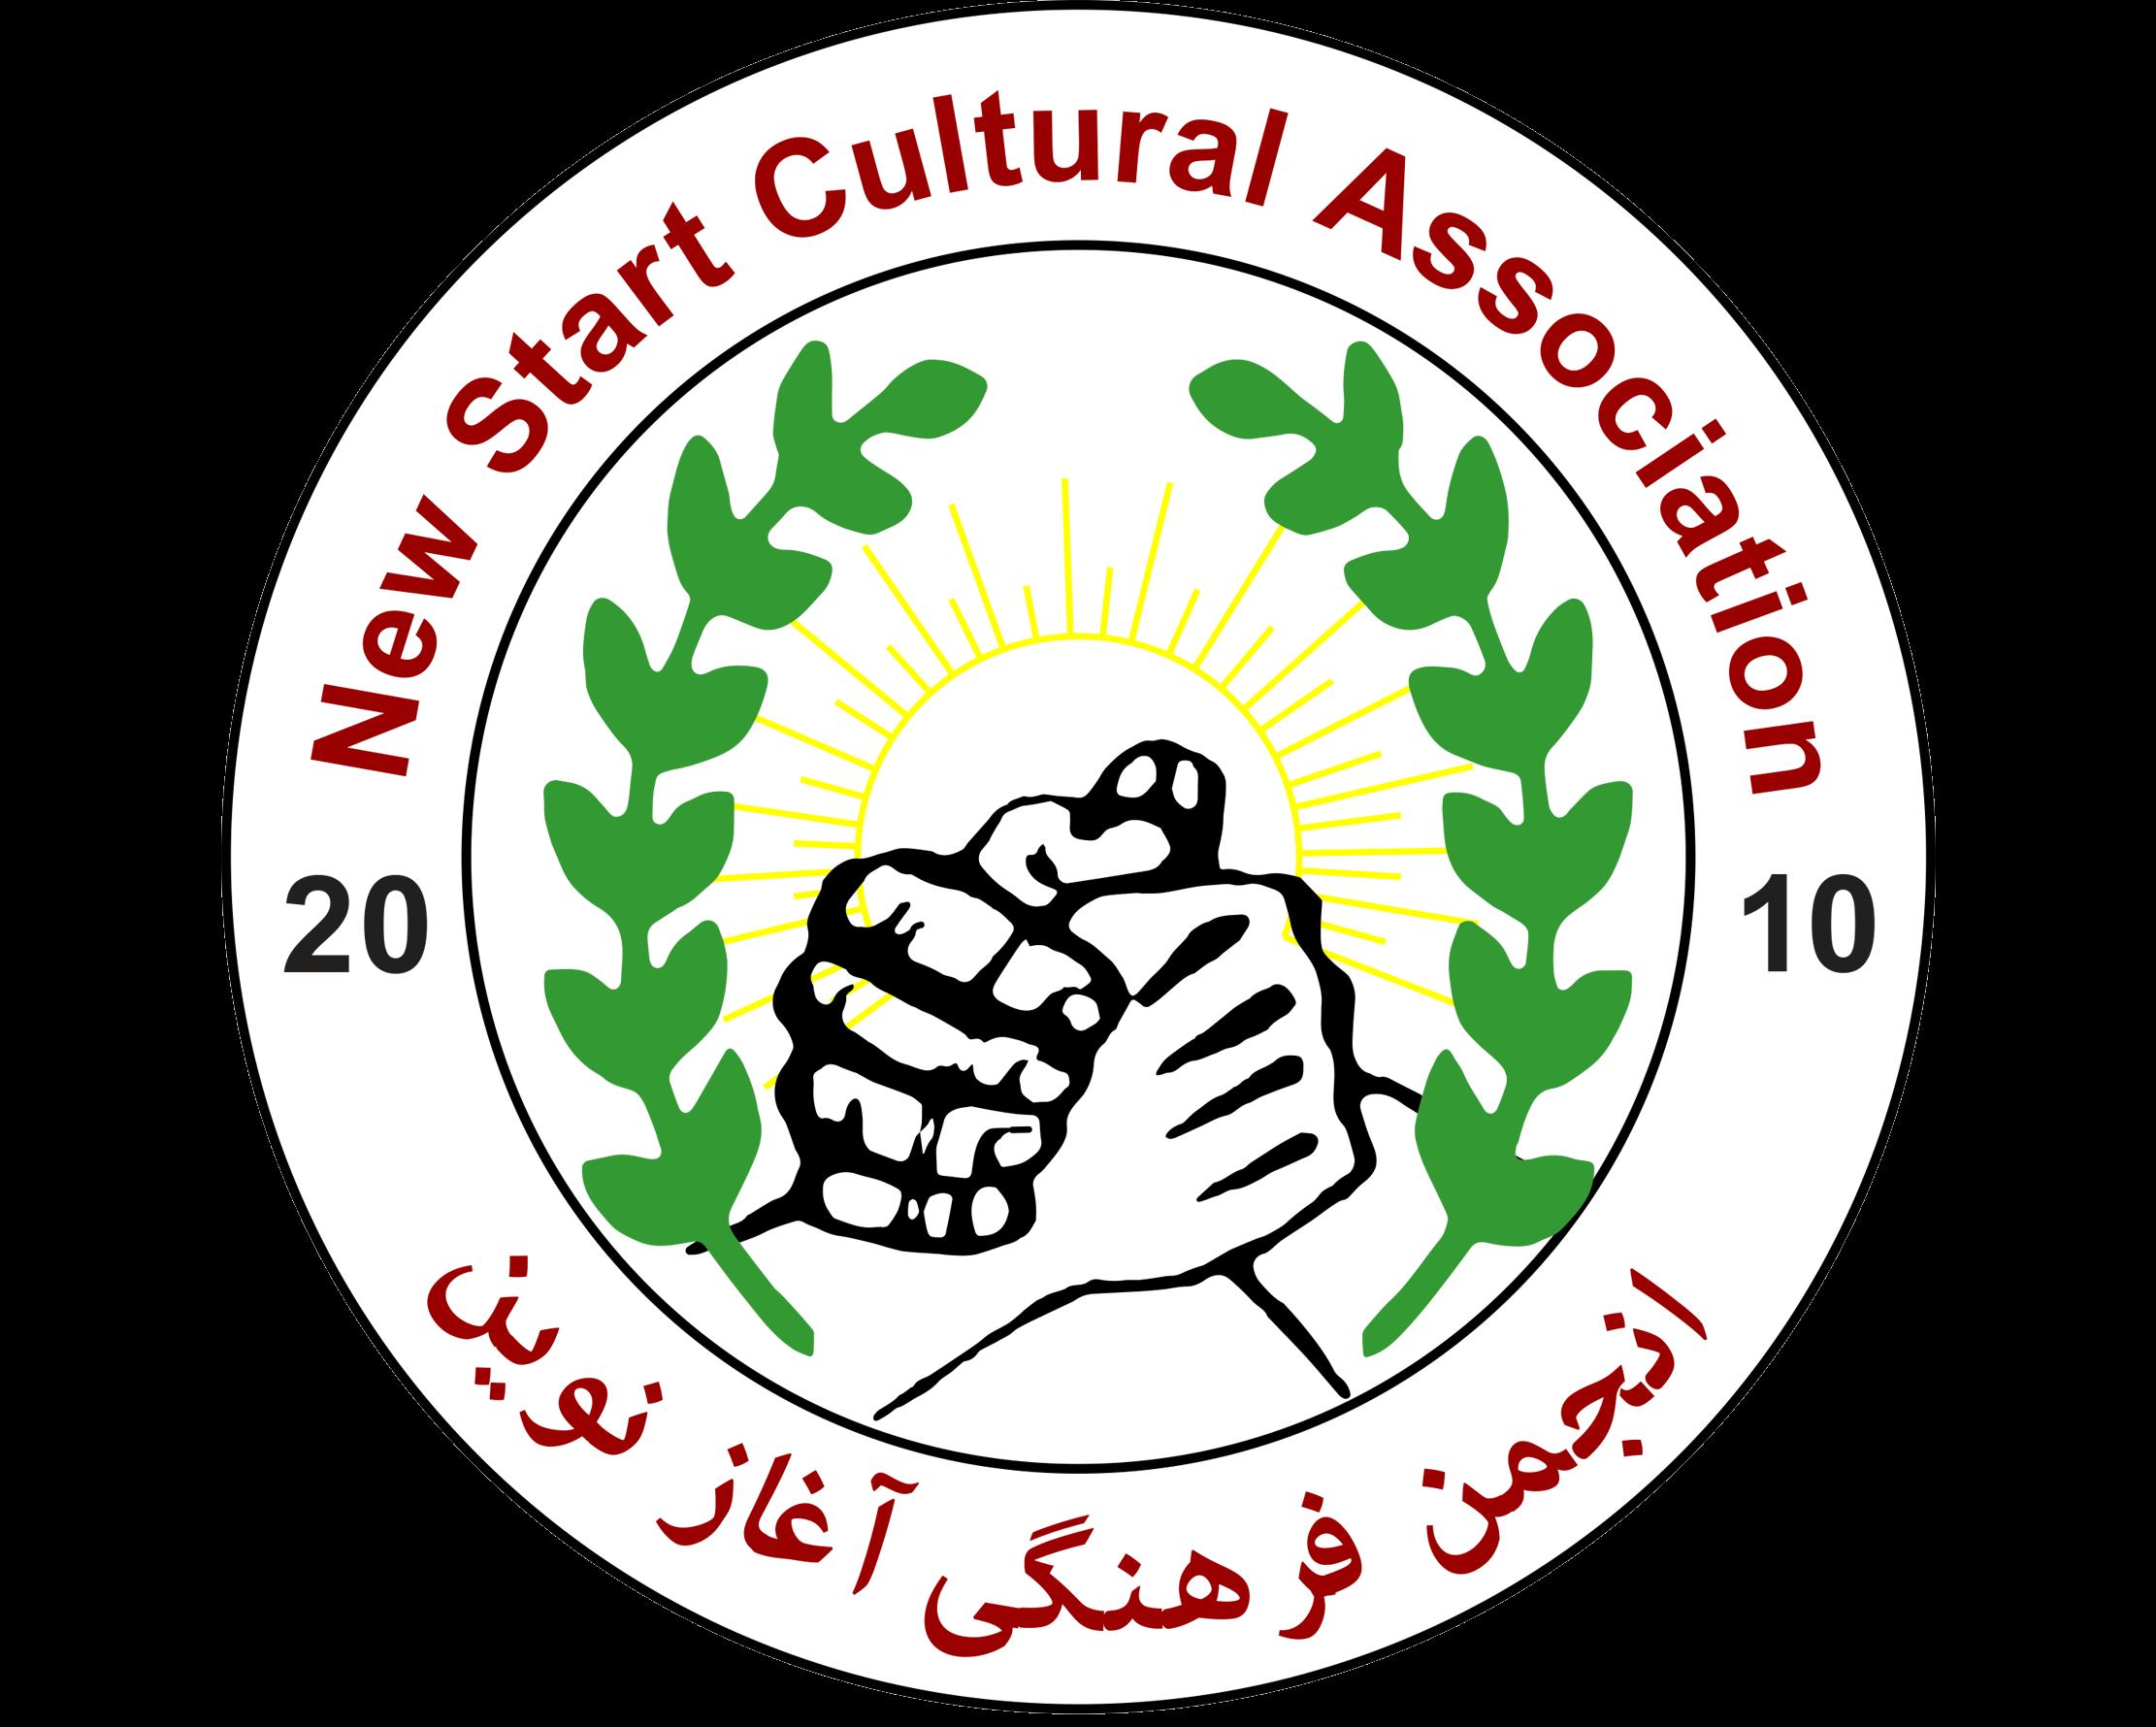 انجمن فرهنگی و ورزشی آغاز نوین